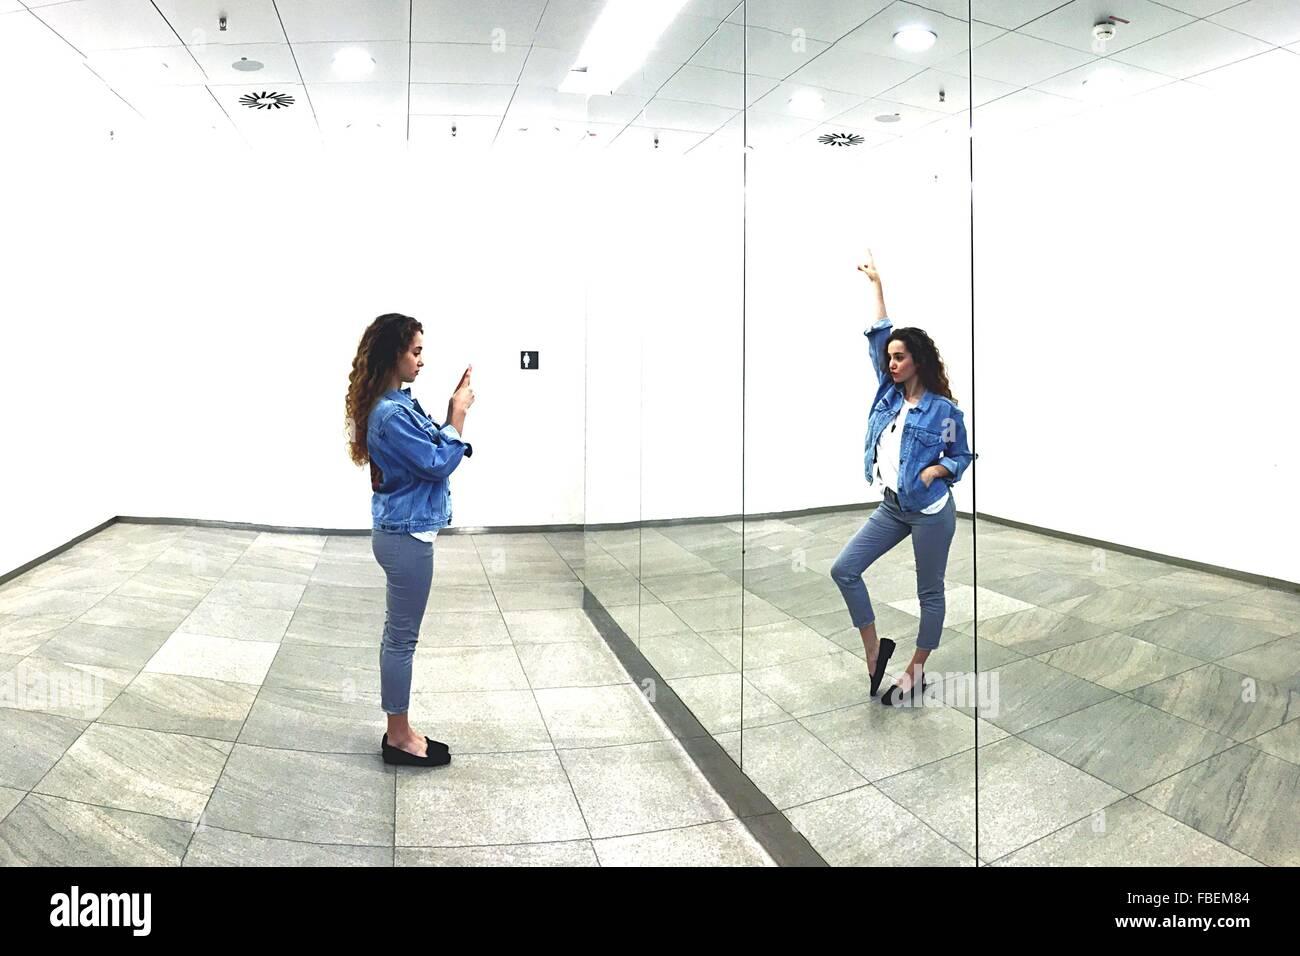 Generati digitalmente Immagine Di Donna Fotografa se stessa e a specchio in camera illuminata Immagini Stock